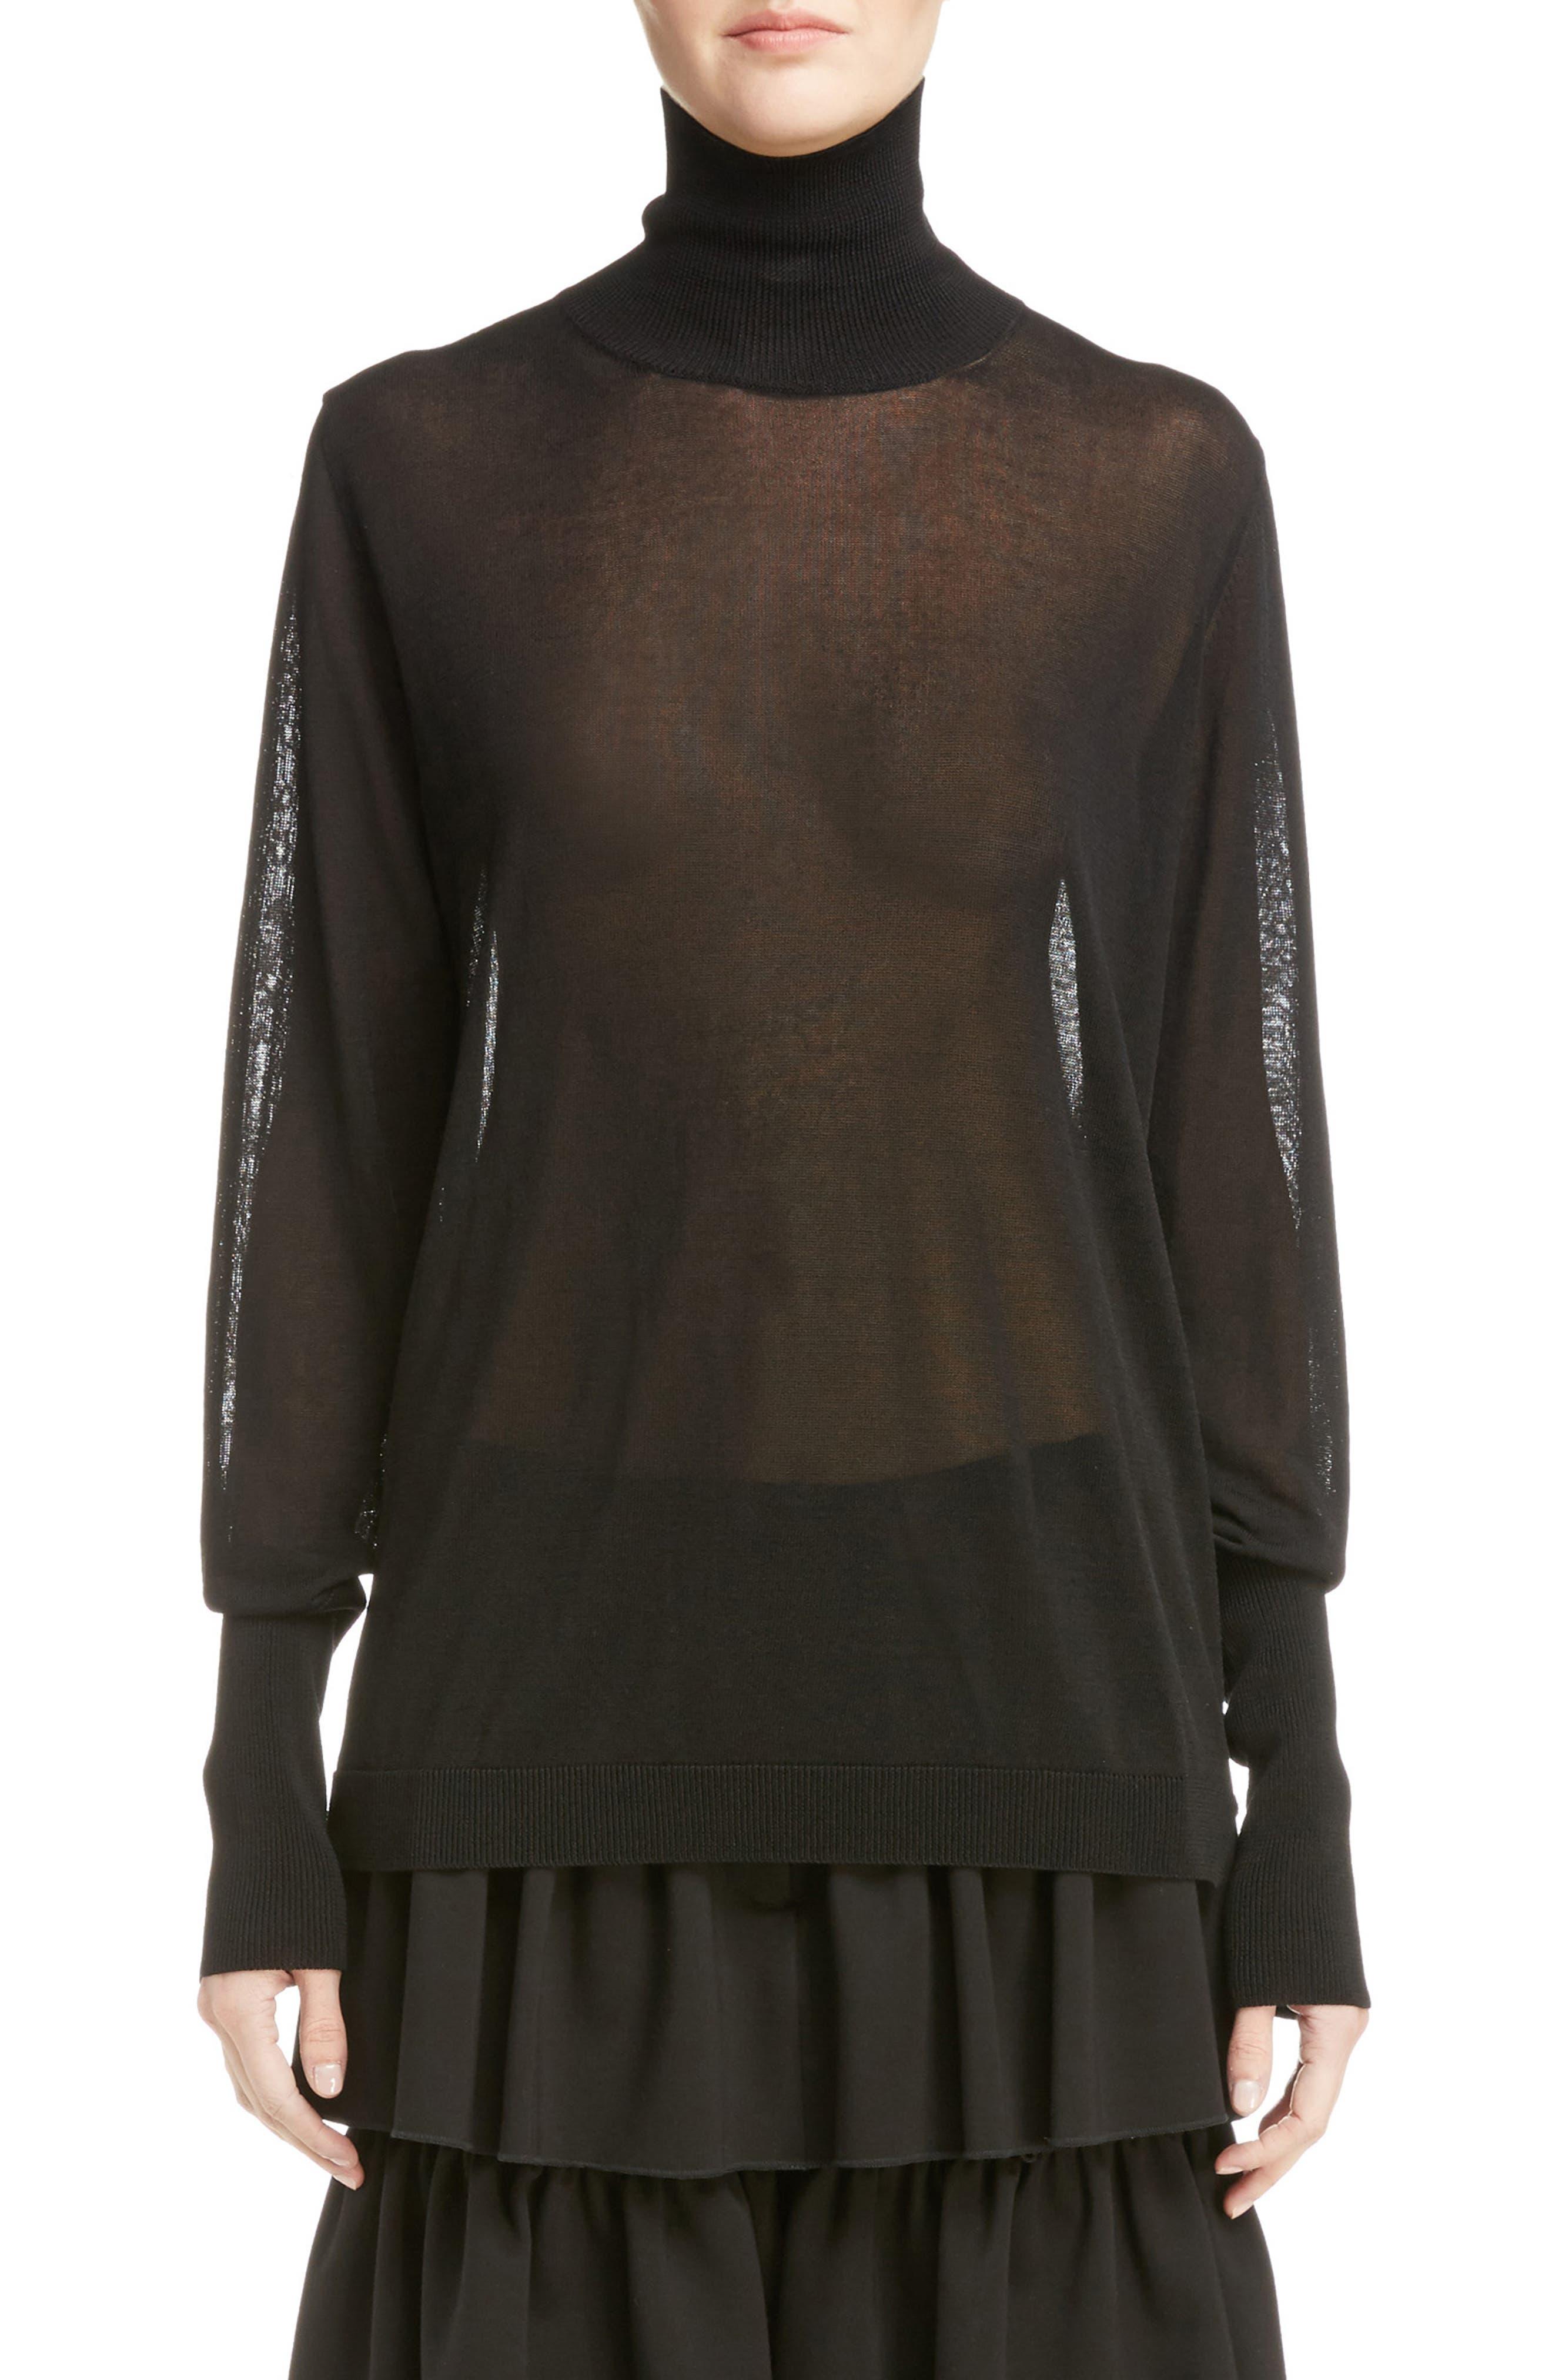 Simone Rocha Sheer Mock Neck Sweater